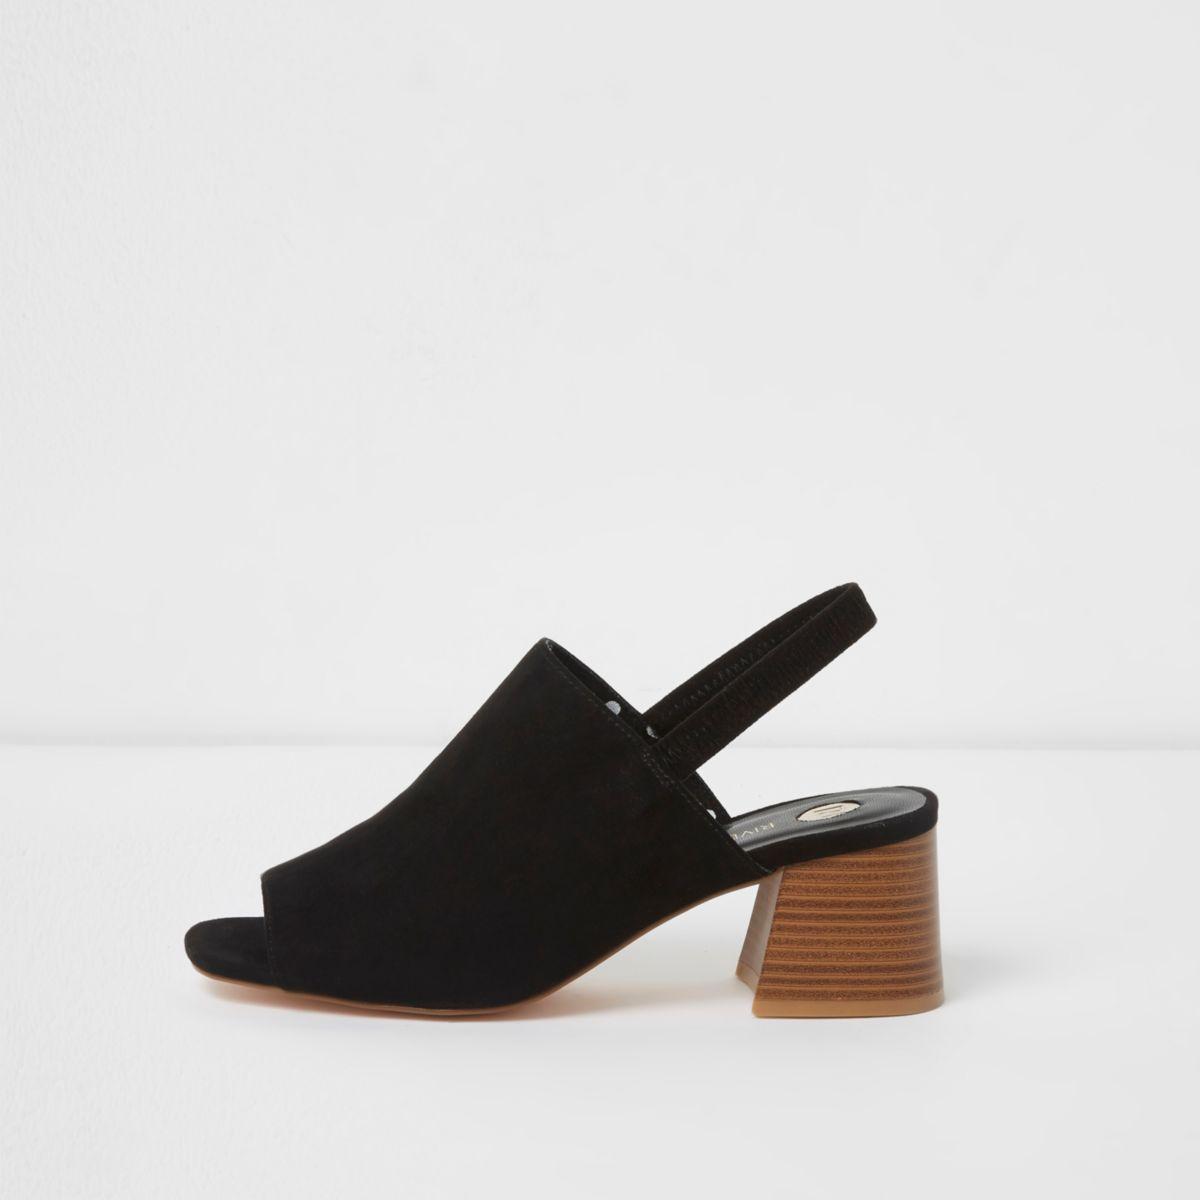 Black sling back block heel mules